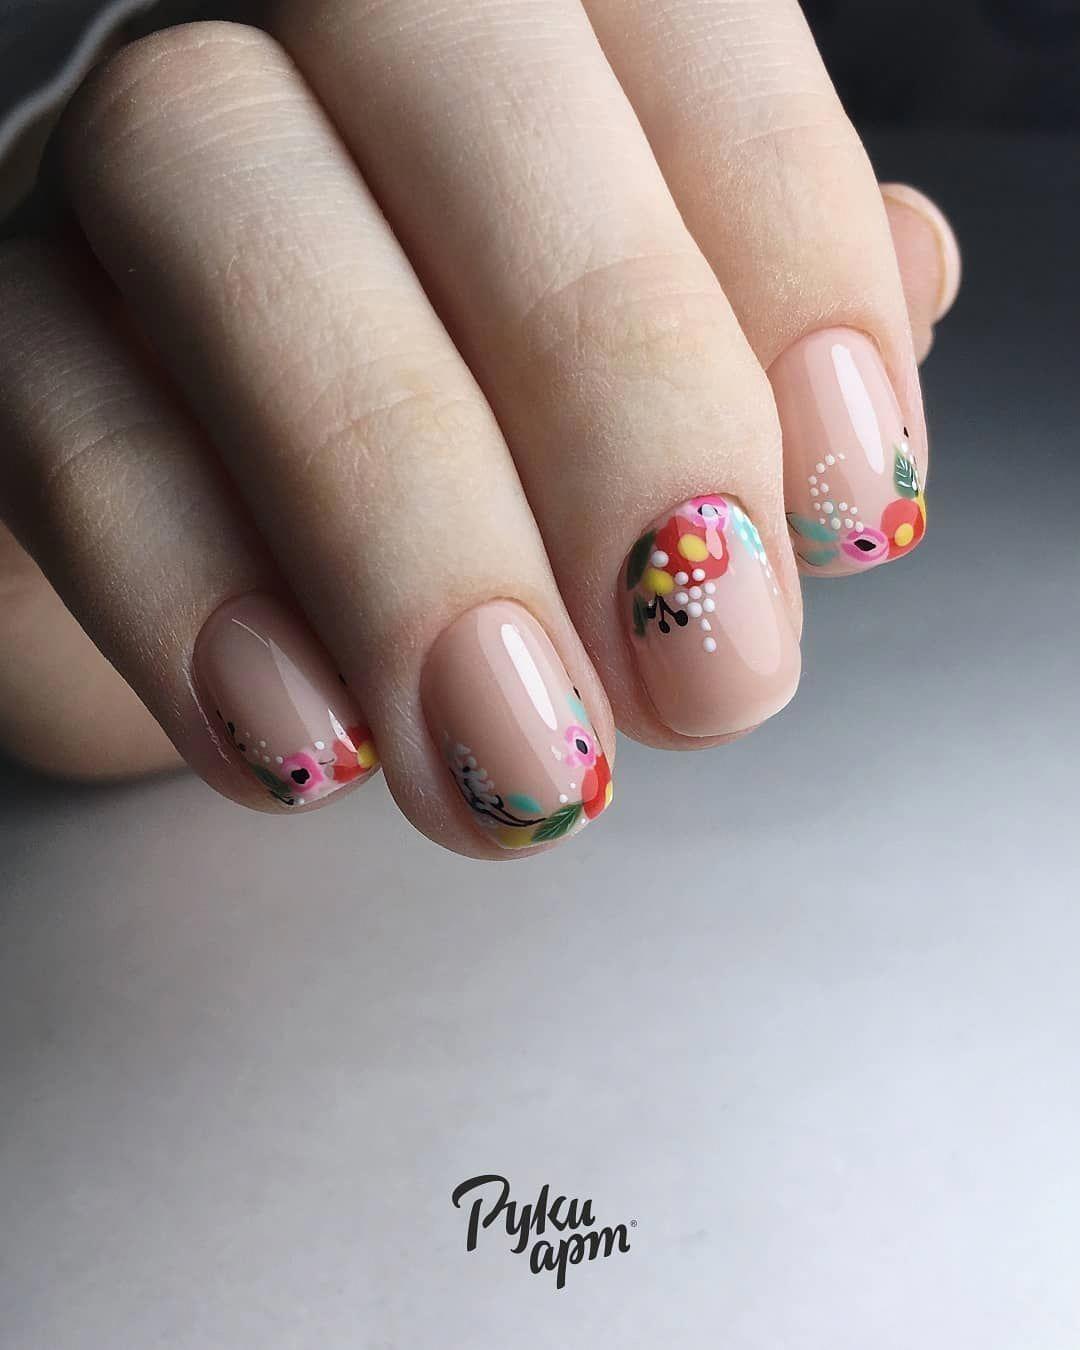 top nail design brooklyn ny 11217